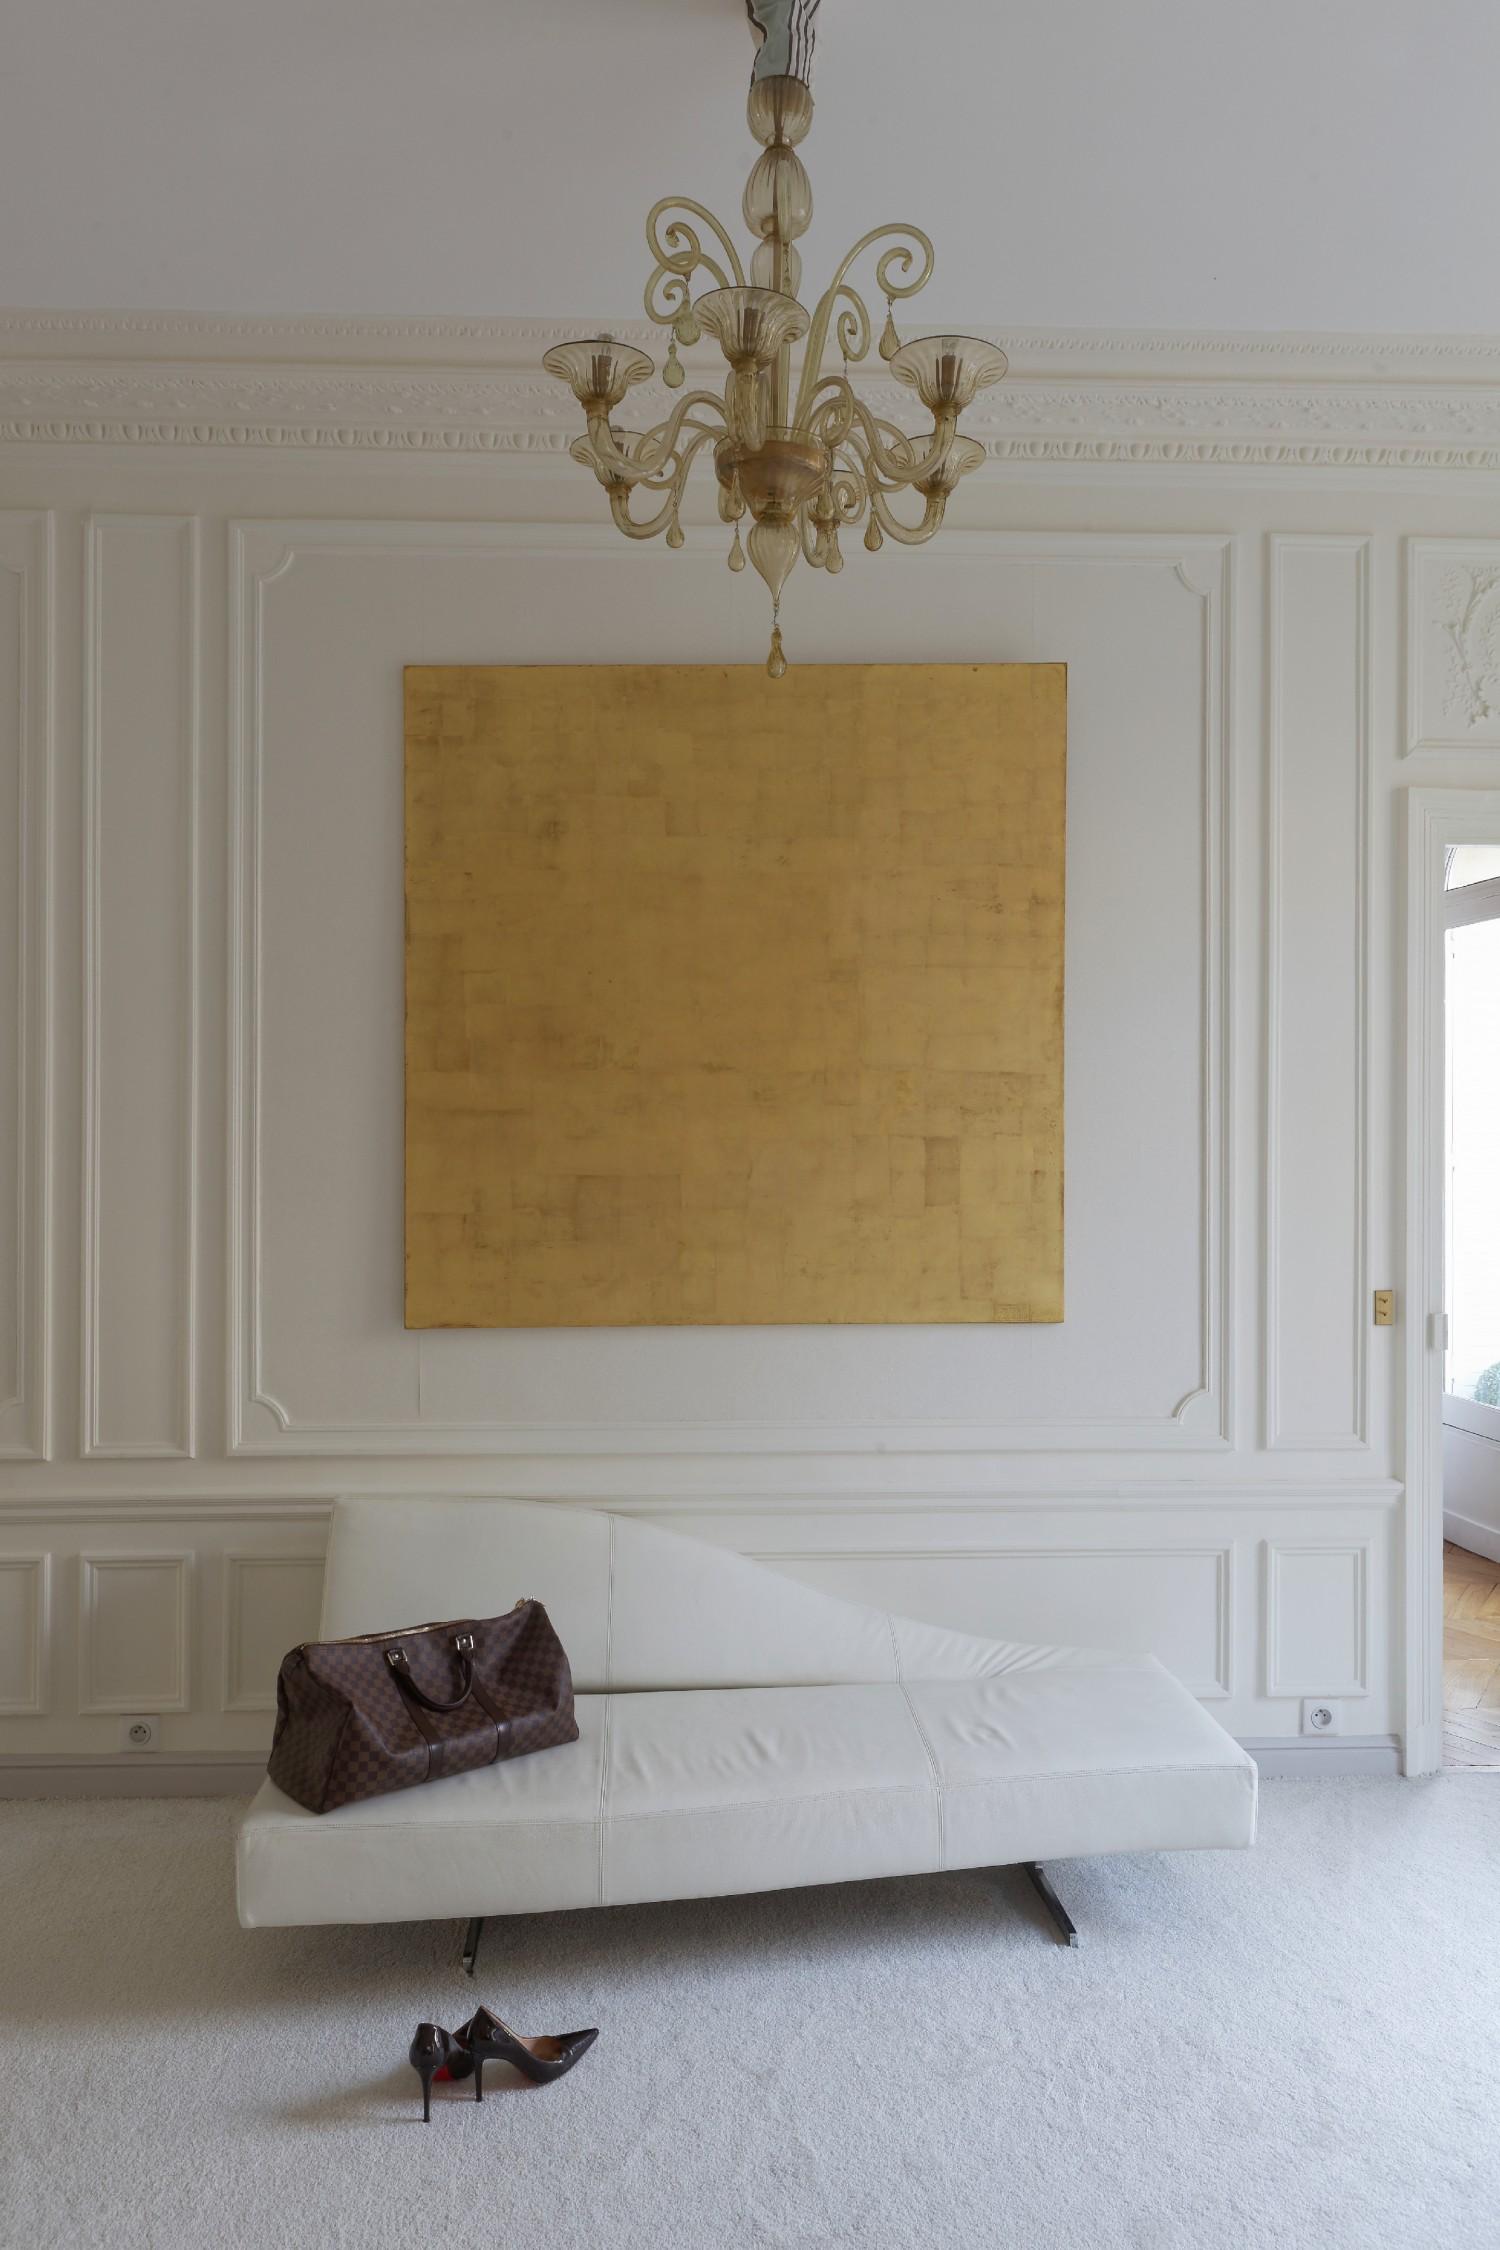 Décoration D Intérieur Peinture Murale mettre de l'or dans sa décoration - turbulences déco